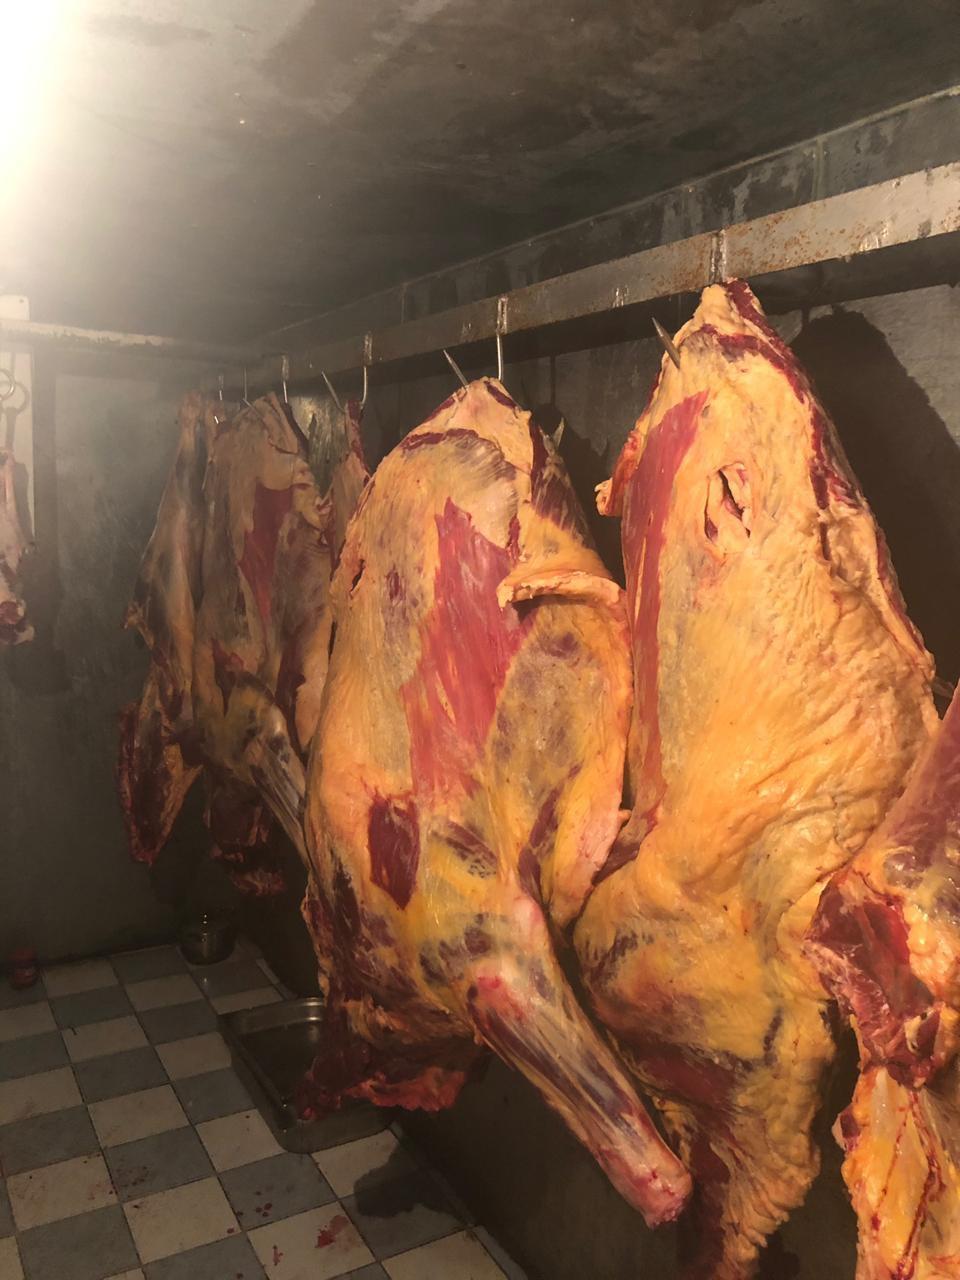 В Баку предотвращена реализация 851 кг непригодного к употреблению мяса